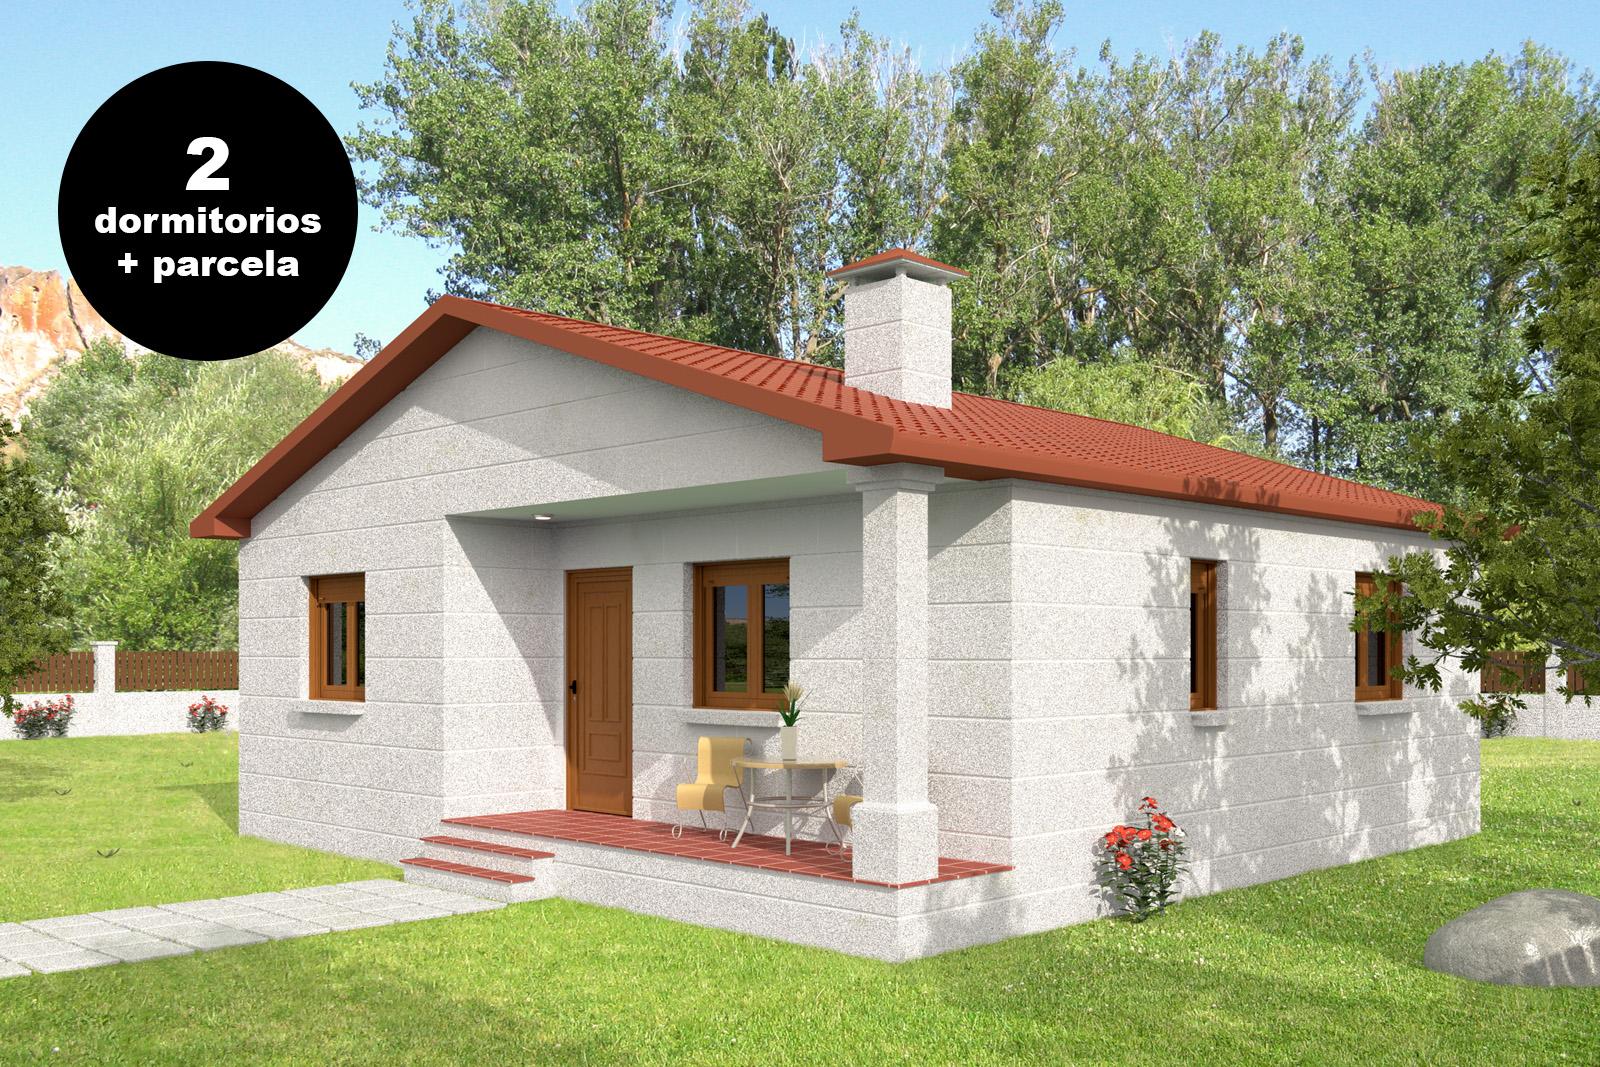 Parcelas y casas casa de piedra 2 dormitorios con parcela - Parcela con casa ...